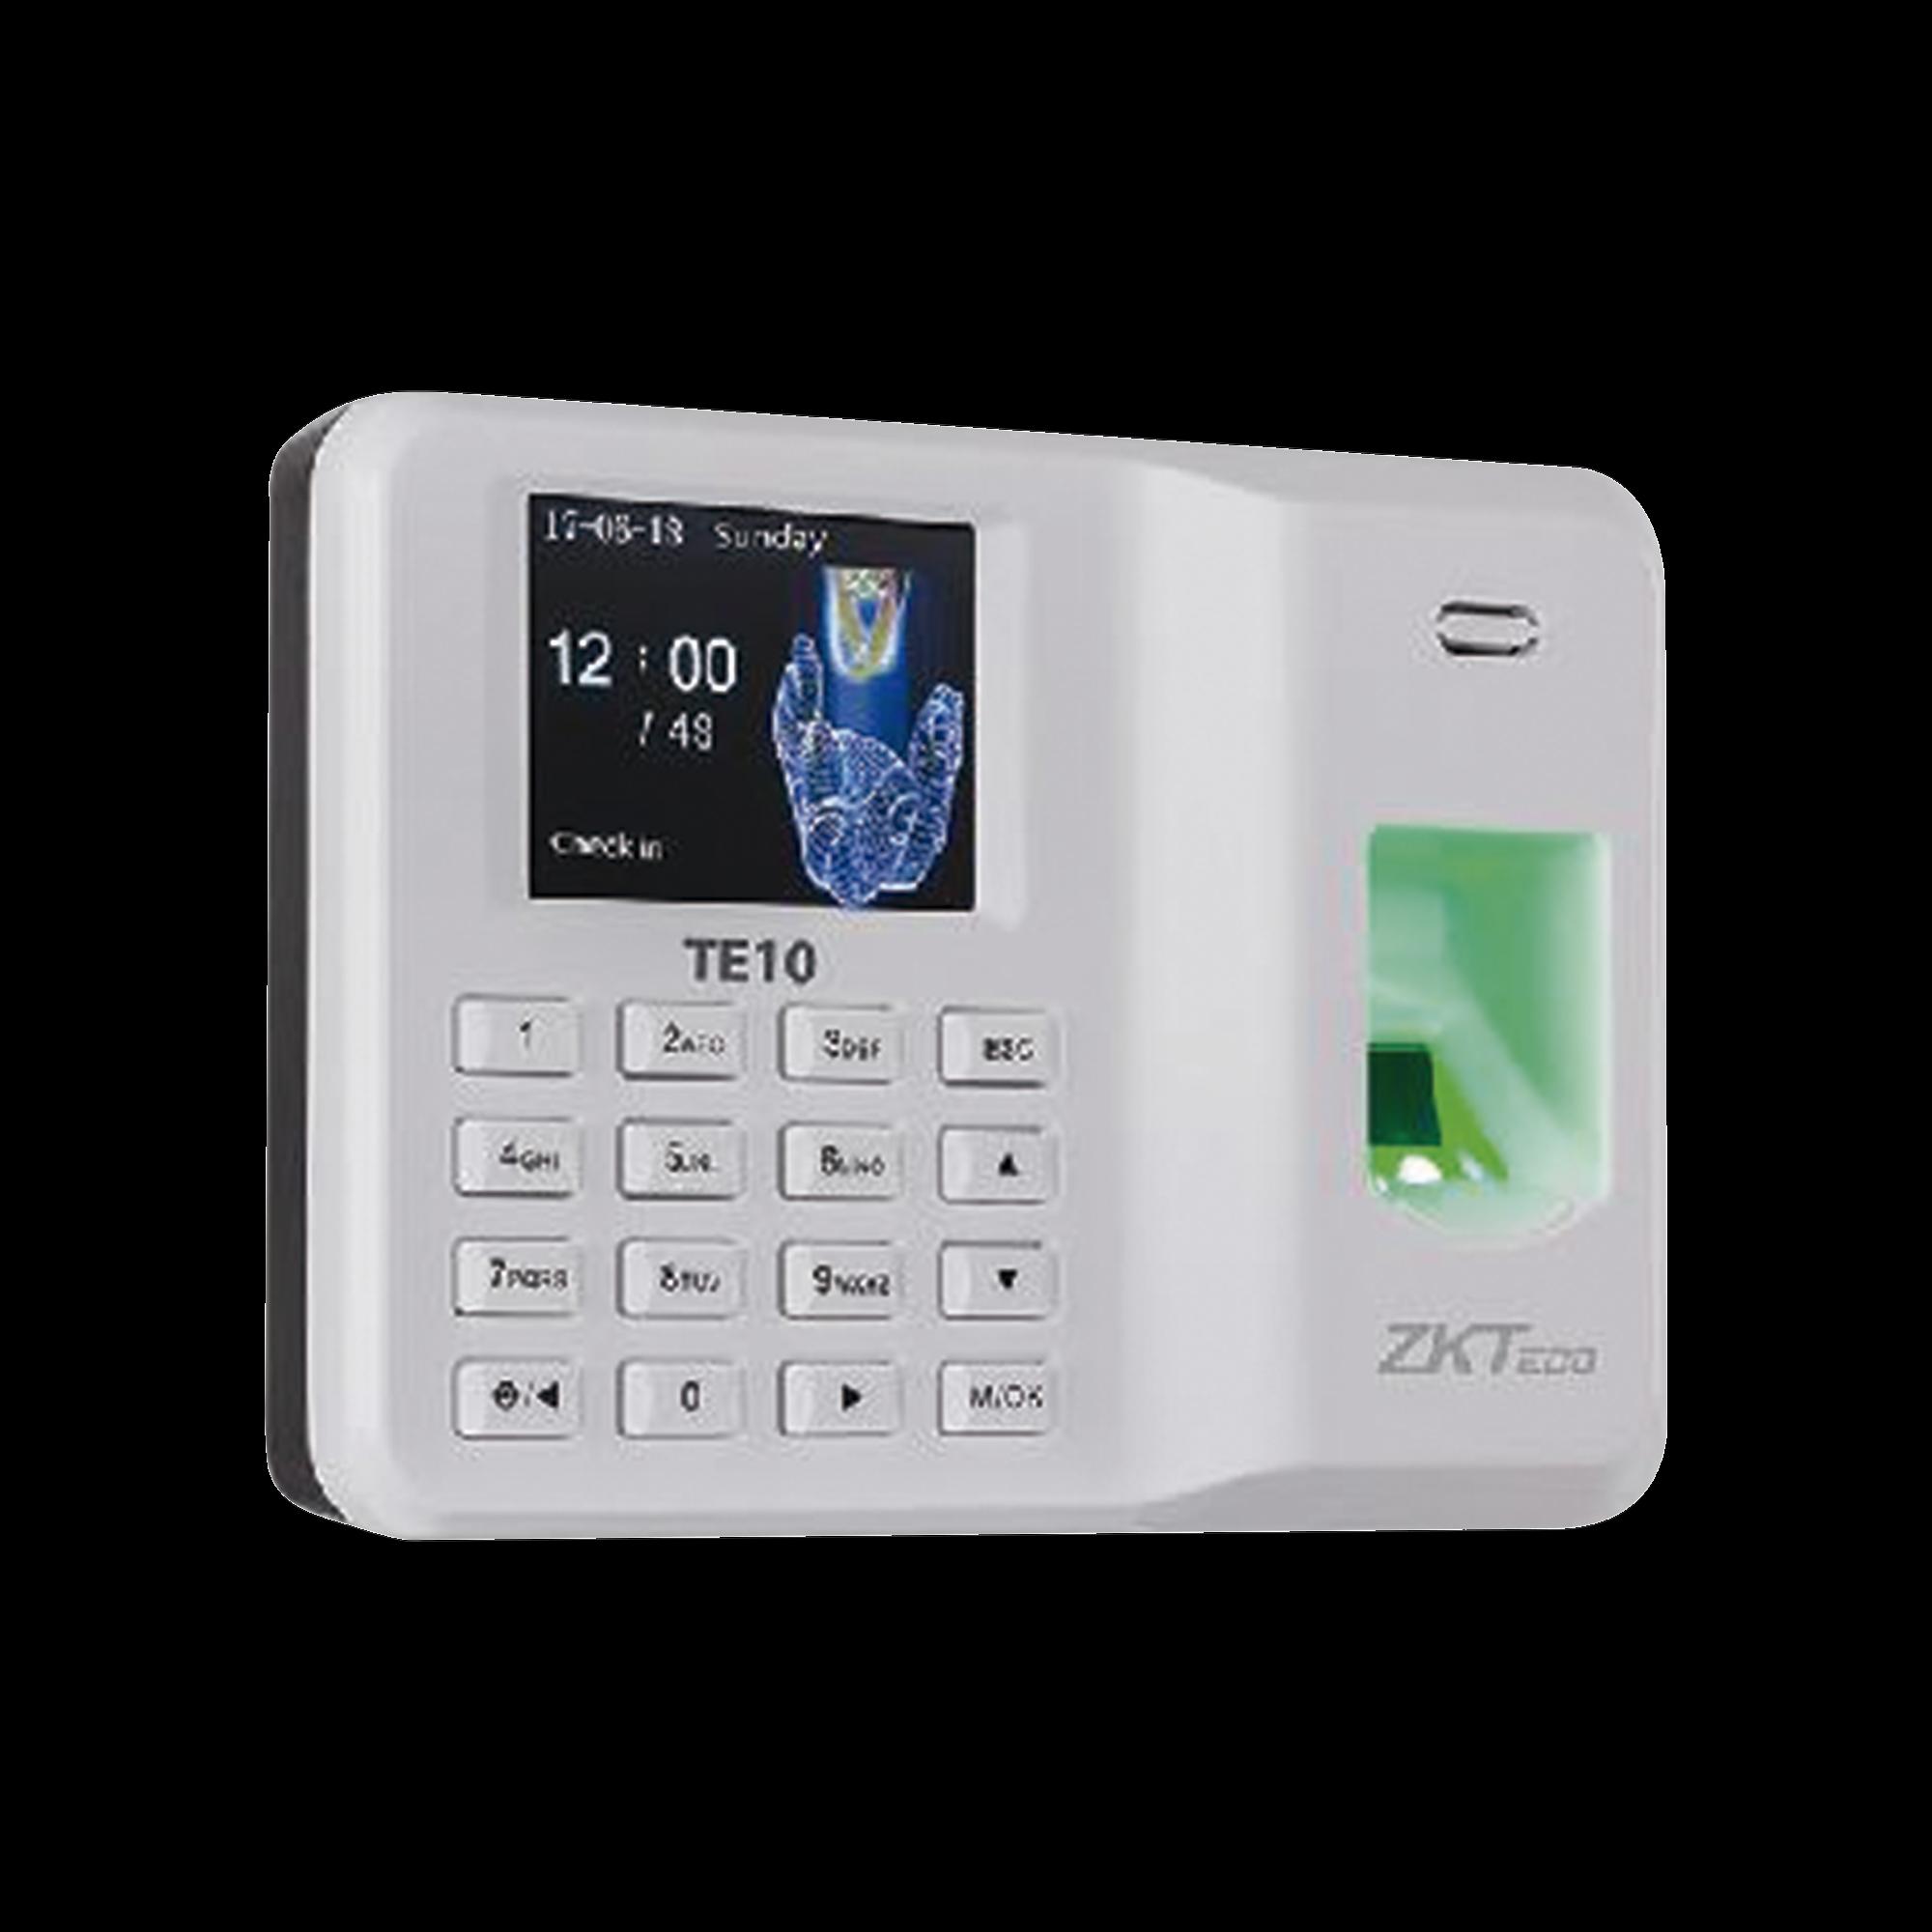 Lector de Huella con Teclado para Control de Asistencia, 500 Huellas, Genera Reporte por USB en Excel, Descarga mediante memoria USB